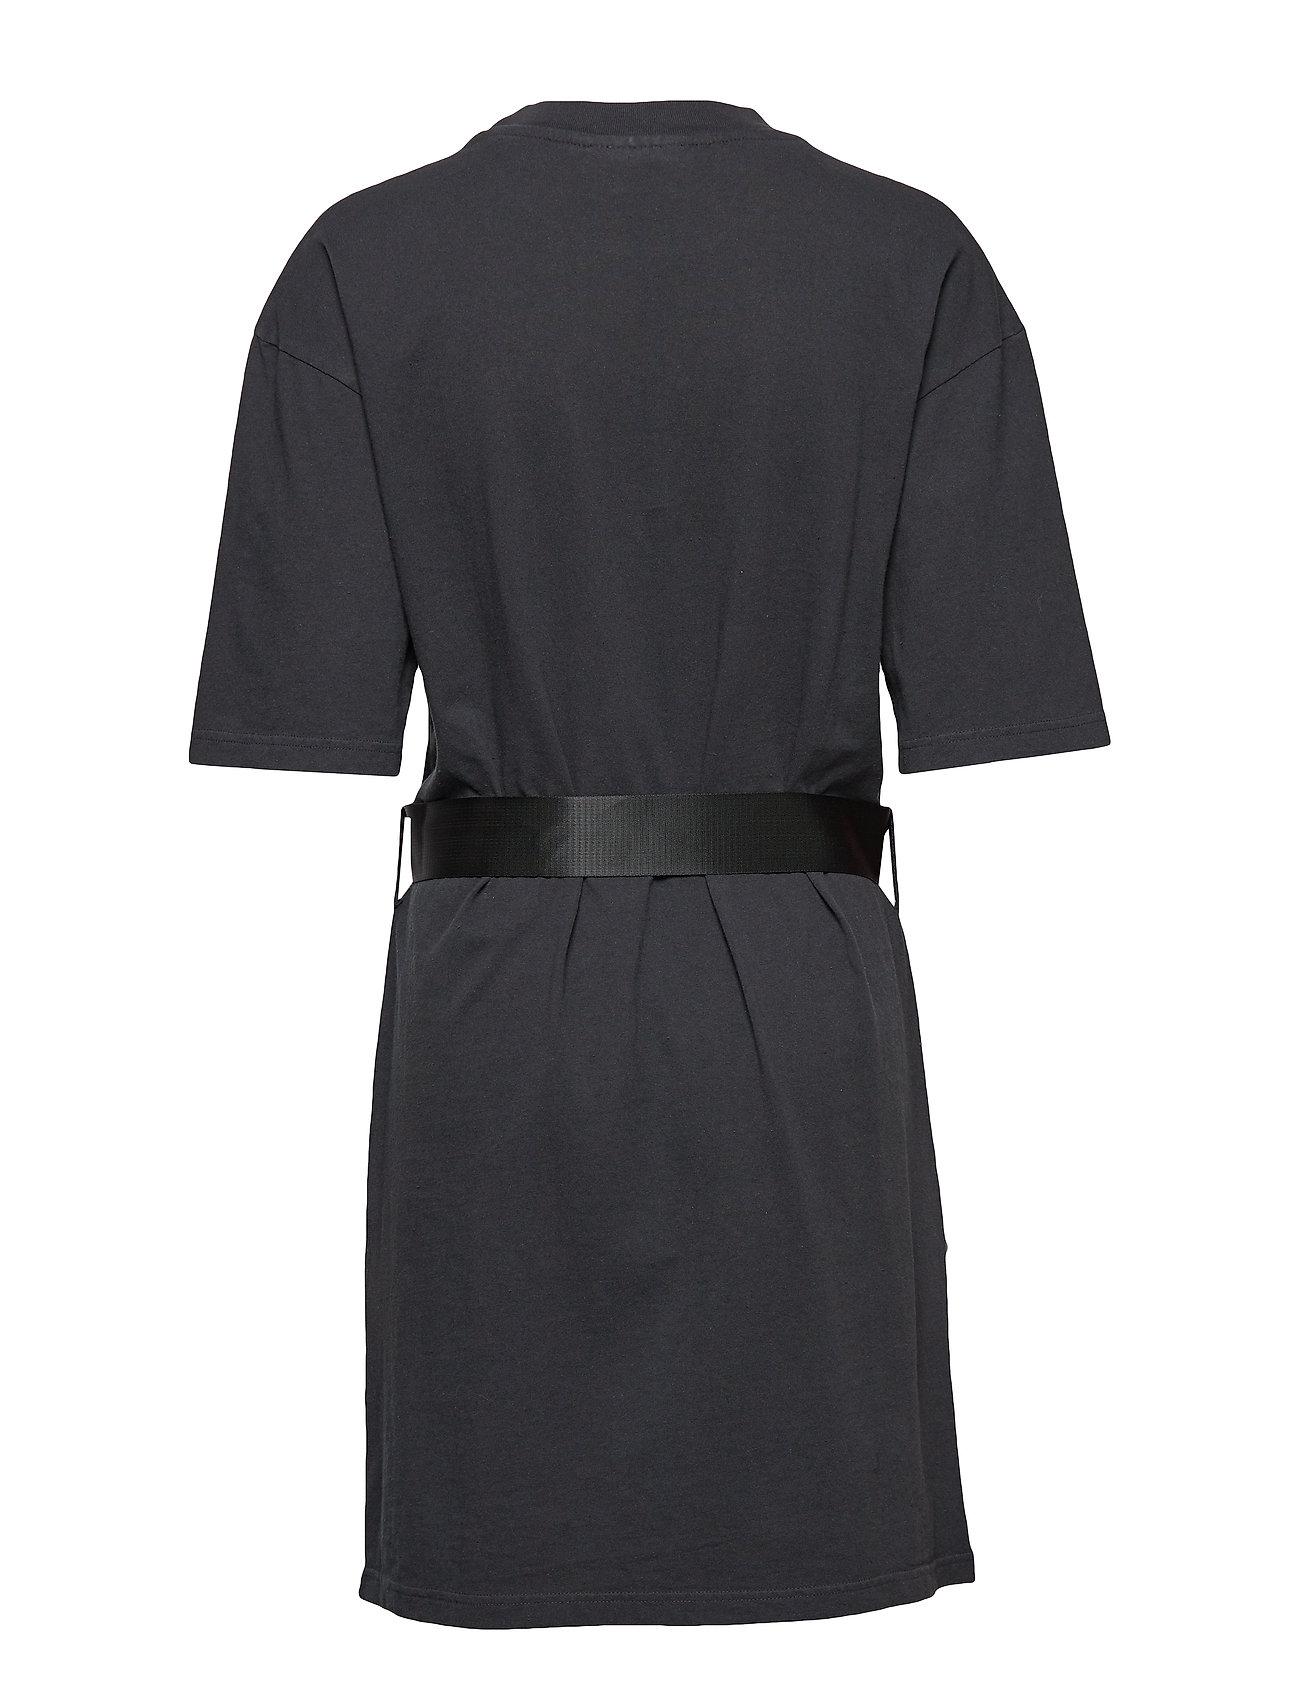 HAN Kjøbenhavn    Tee Dress  - Kleider    BLACK